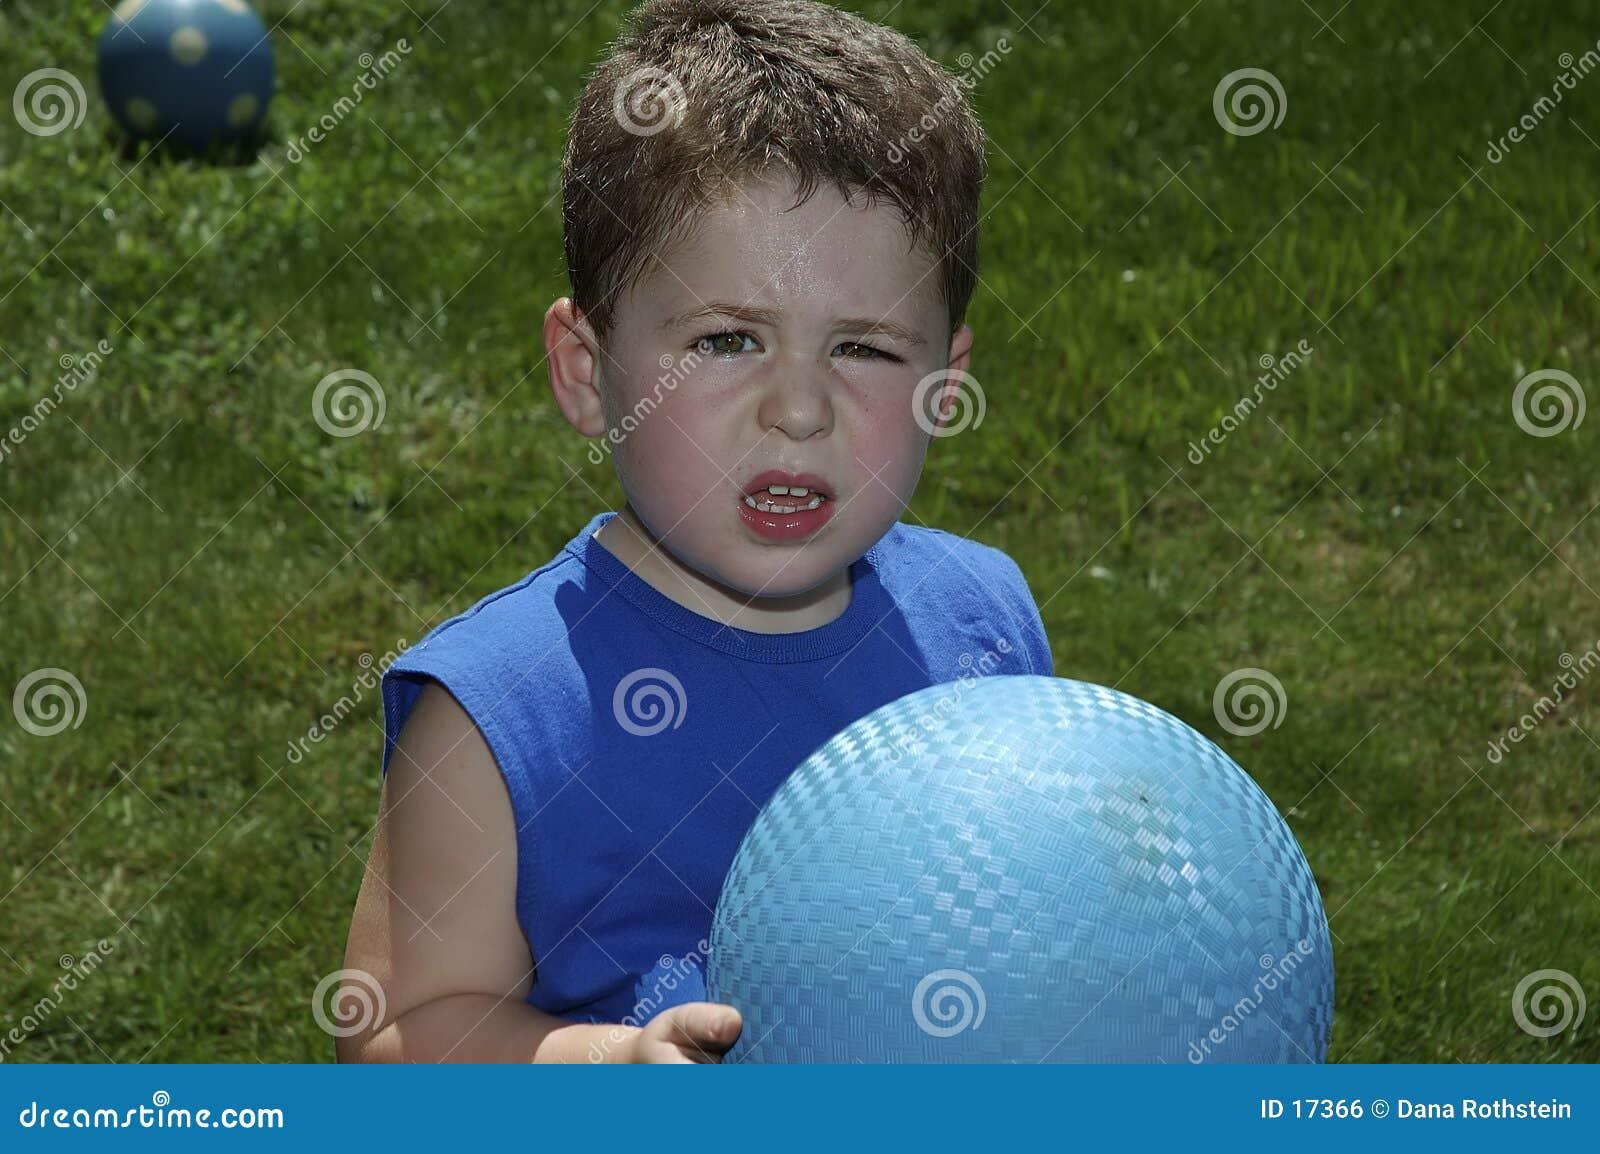 Child Playing Ball